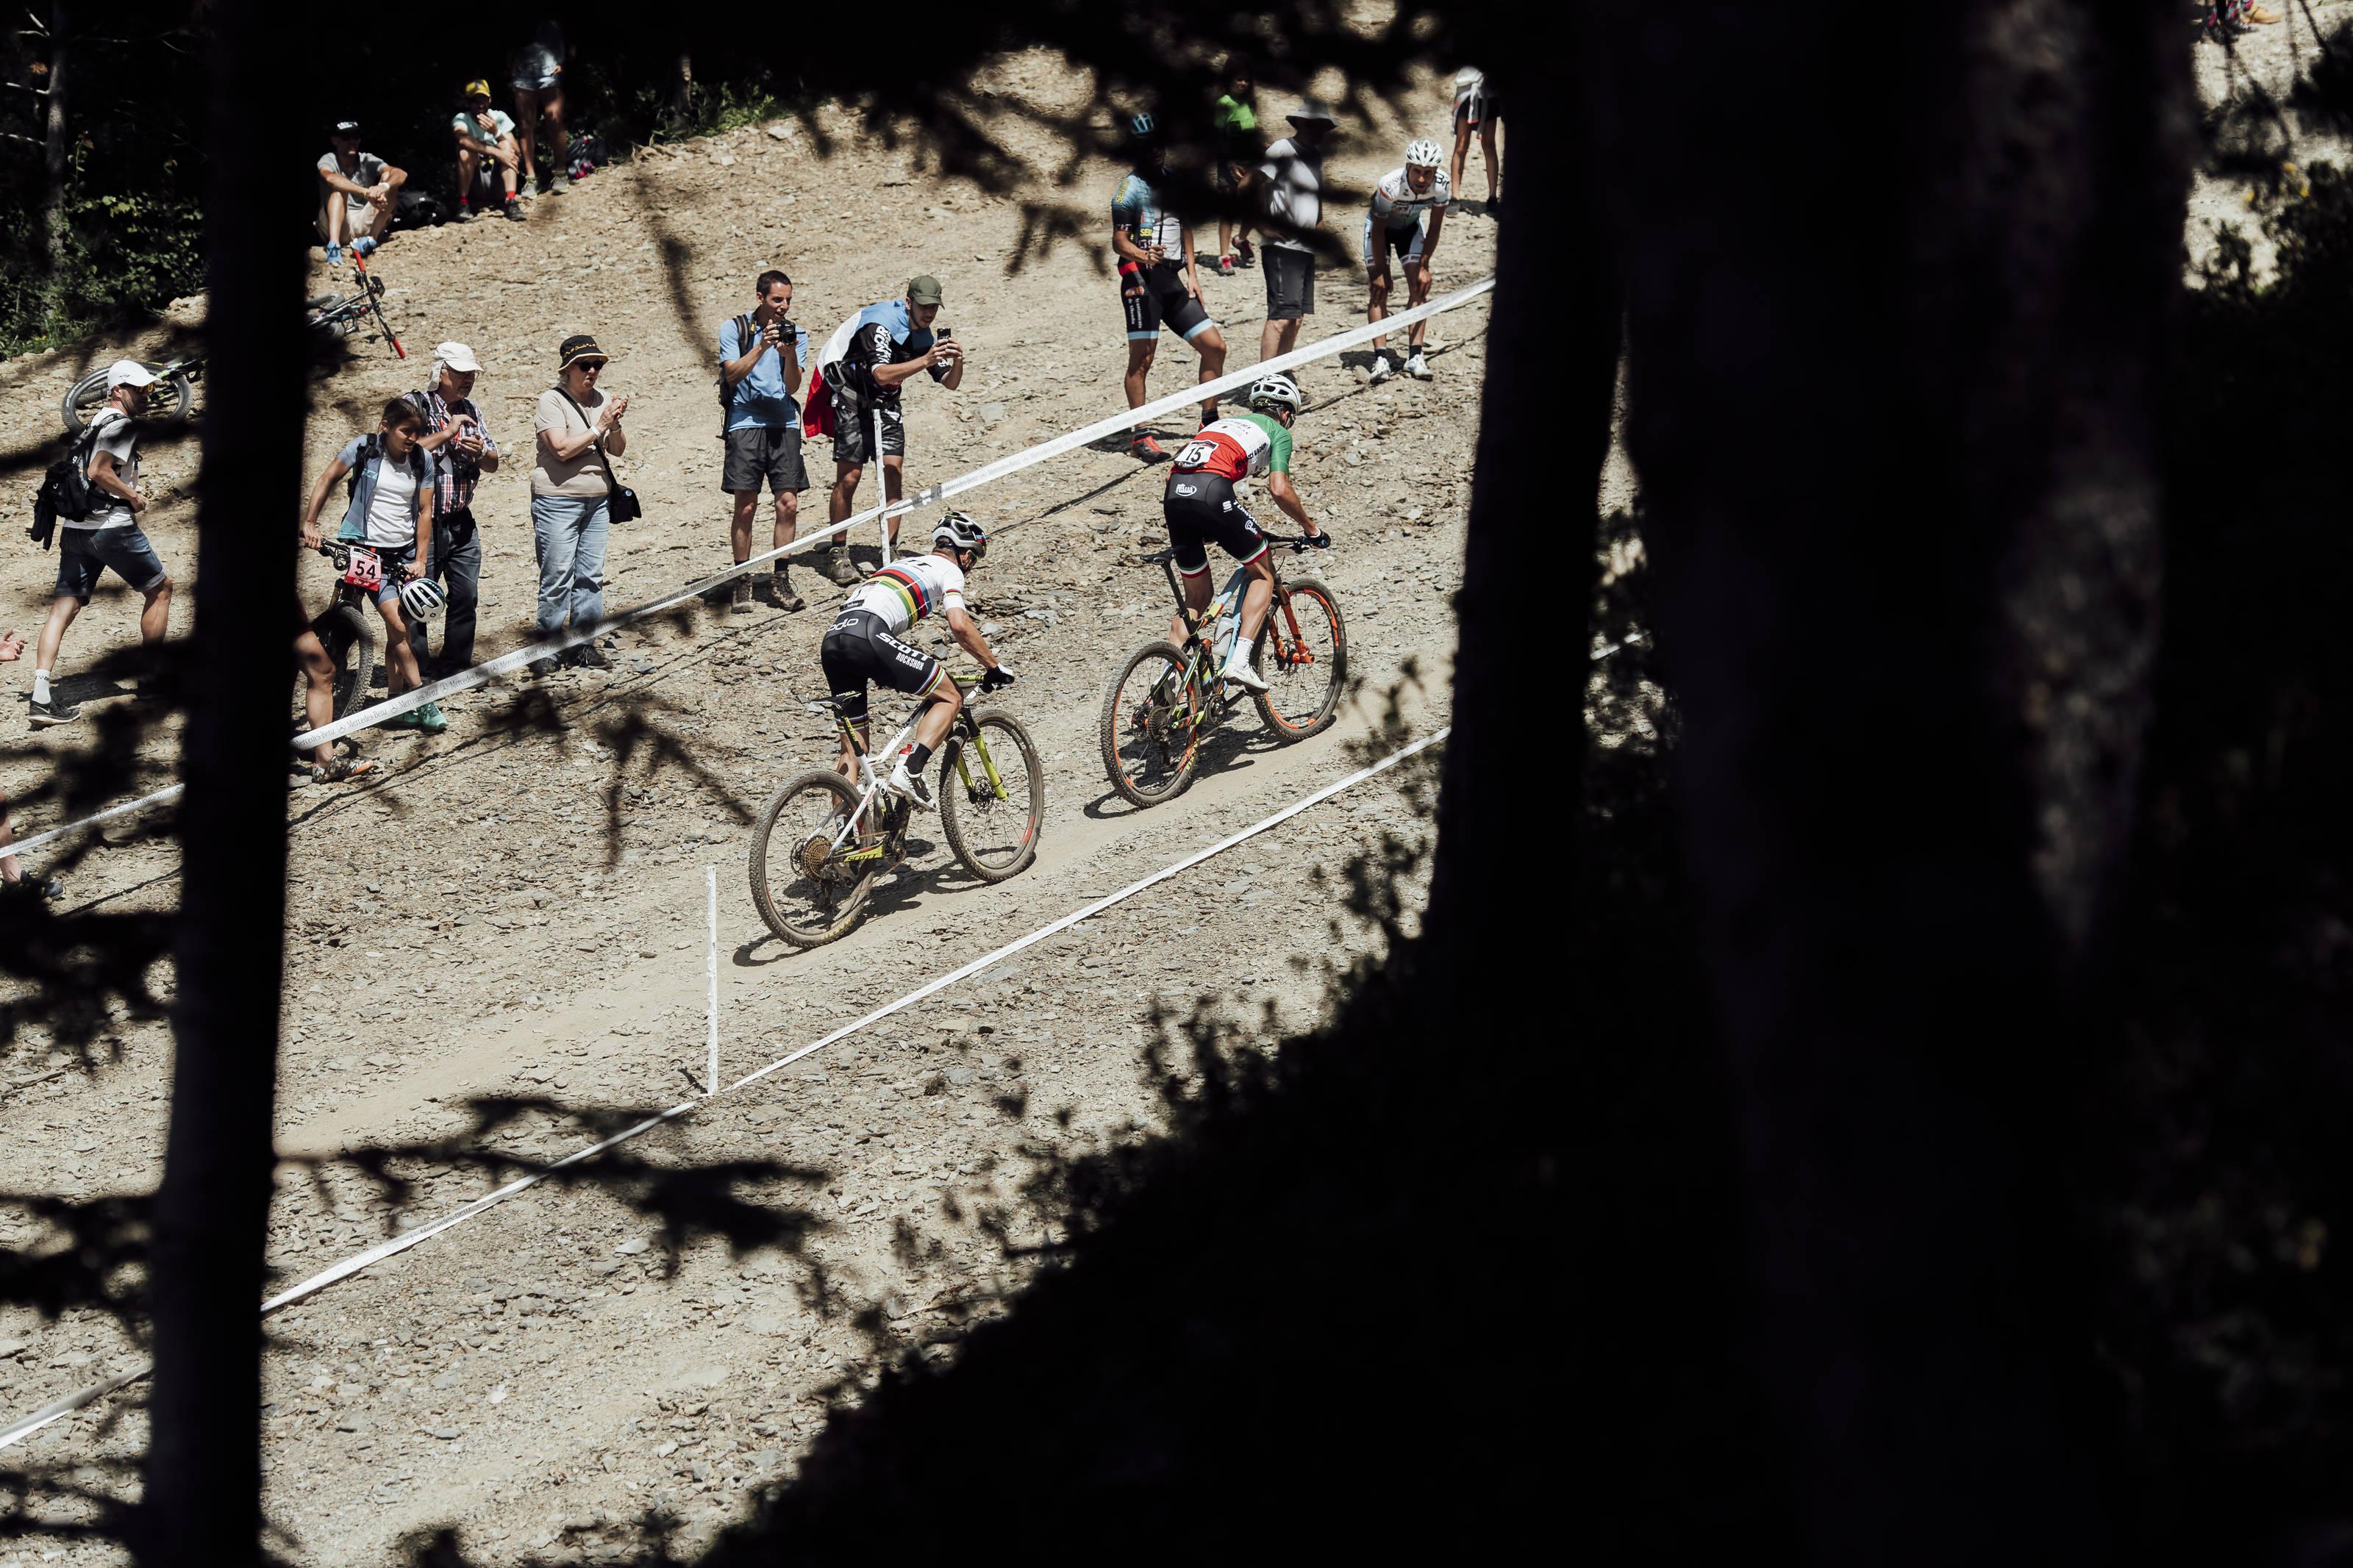 Puchar Świata w kolarstwie górskim w Vallnord (Andora)- kiedy i gdzie oglądać?